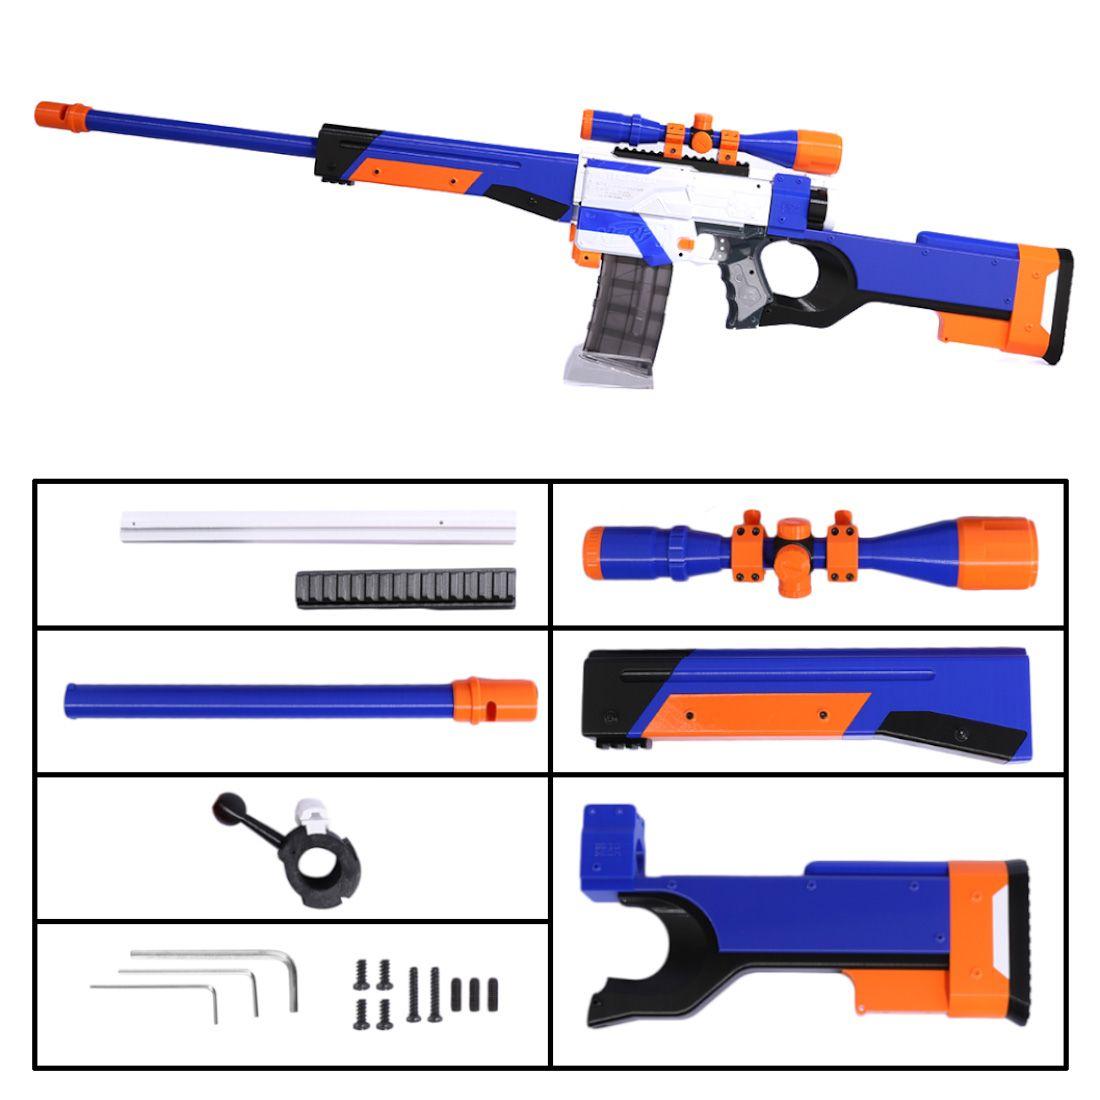 Taktische Kid Spielzeug Pistole 3D Druck Aussehen Änderung Kit für Nerf Retaliator Blasters Zubehör Komponente-Blau